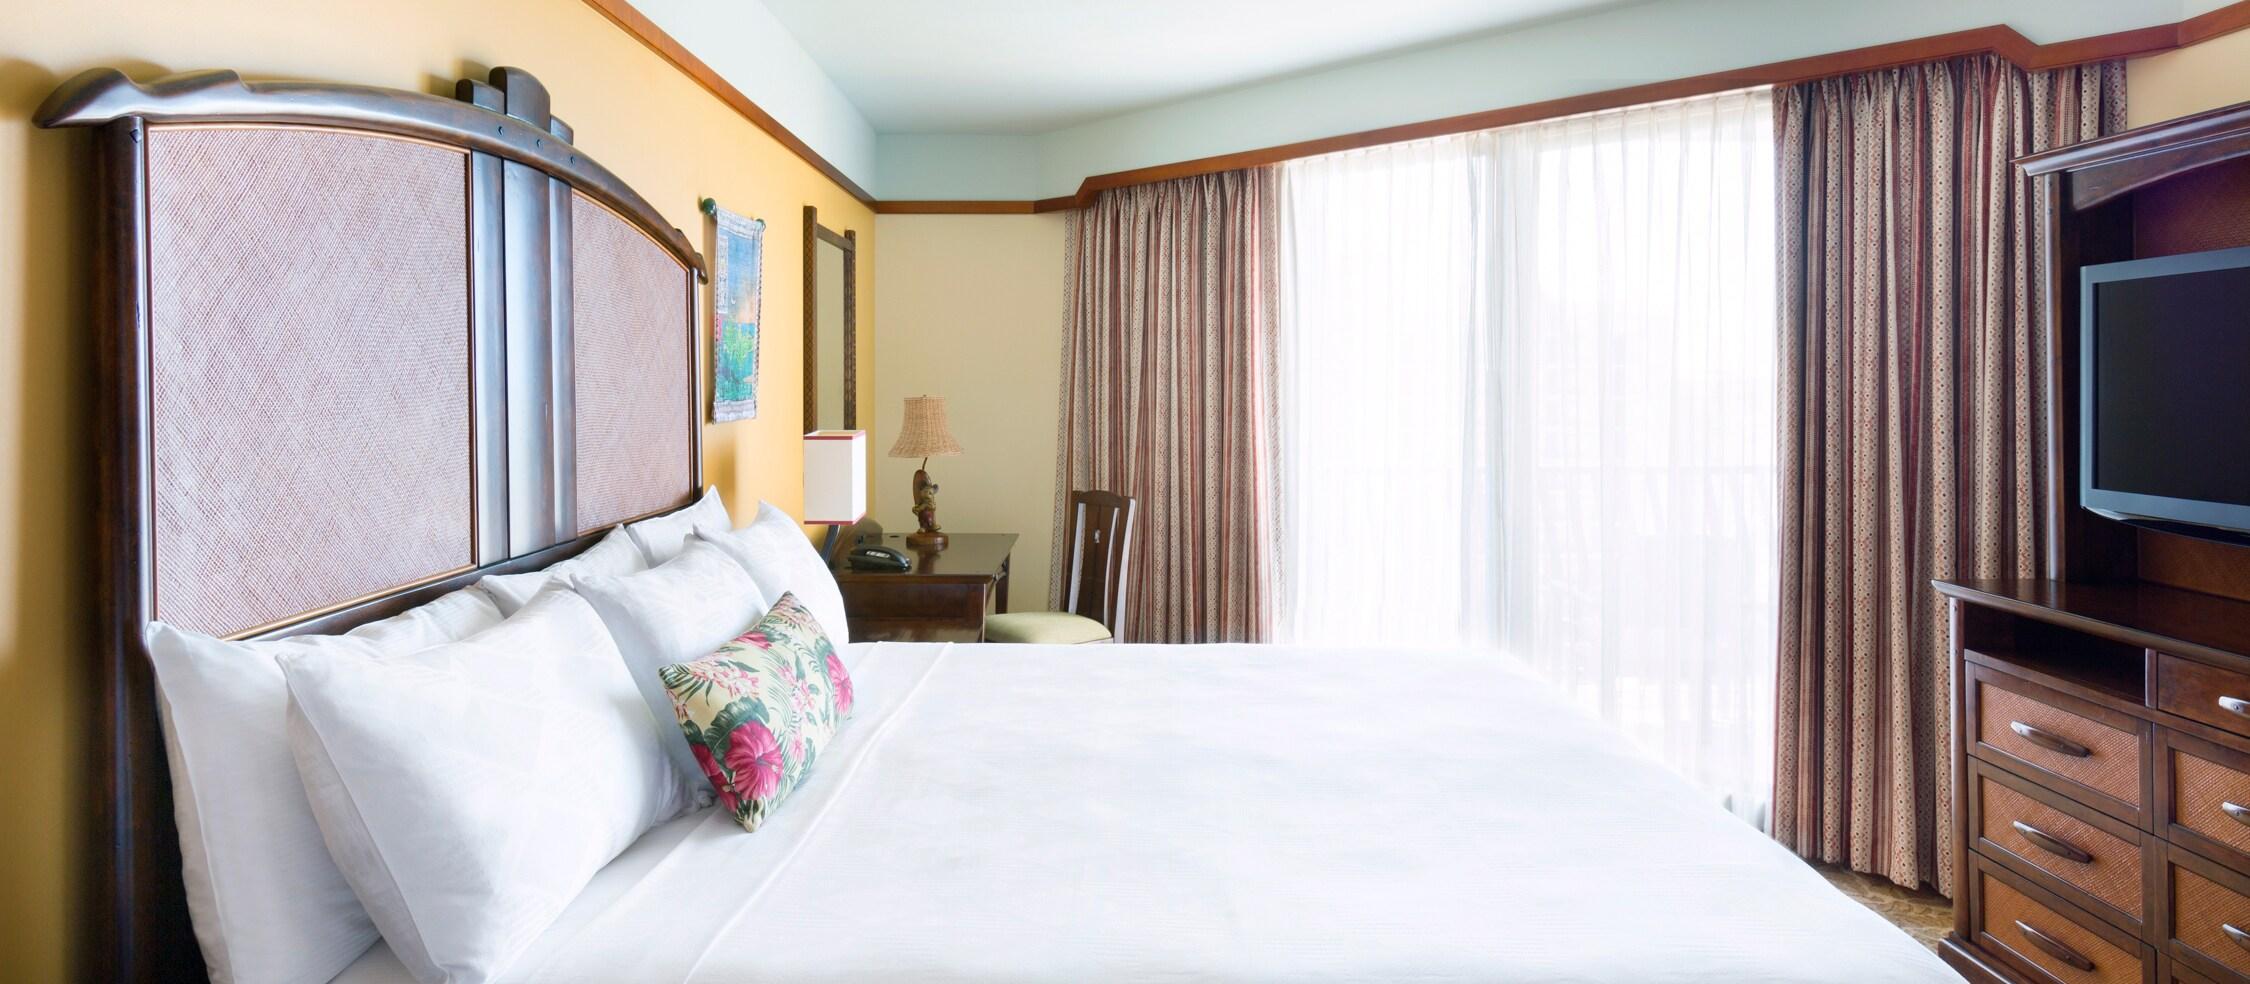 1 ベッドルーム・ヴィラのリビングエリアとダイニングエリア